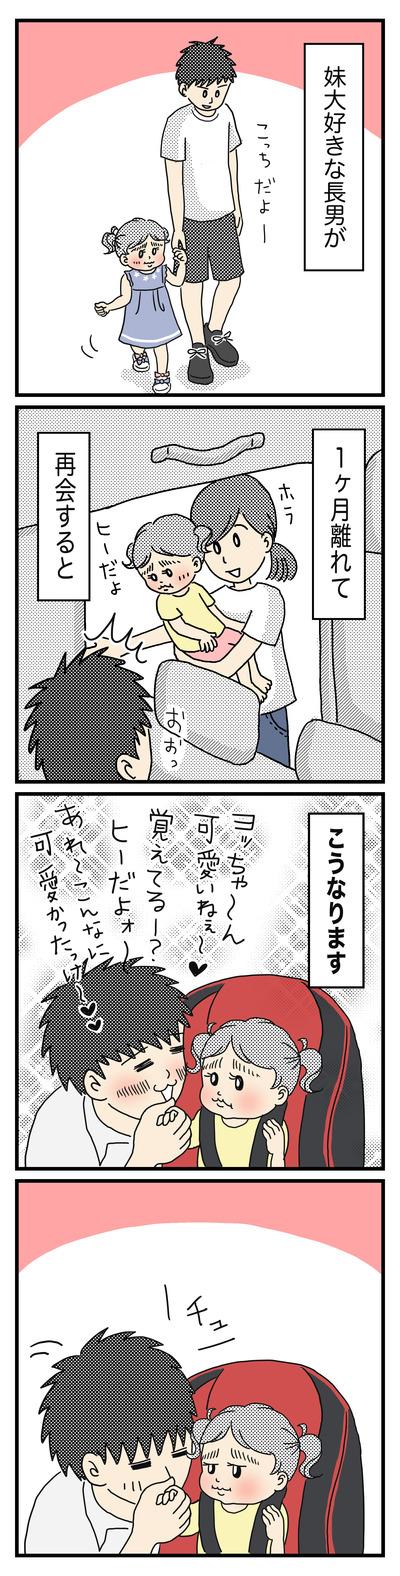 108 ヒーとヨッちゃんの再会(1才〜1才半)